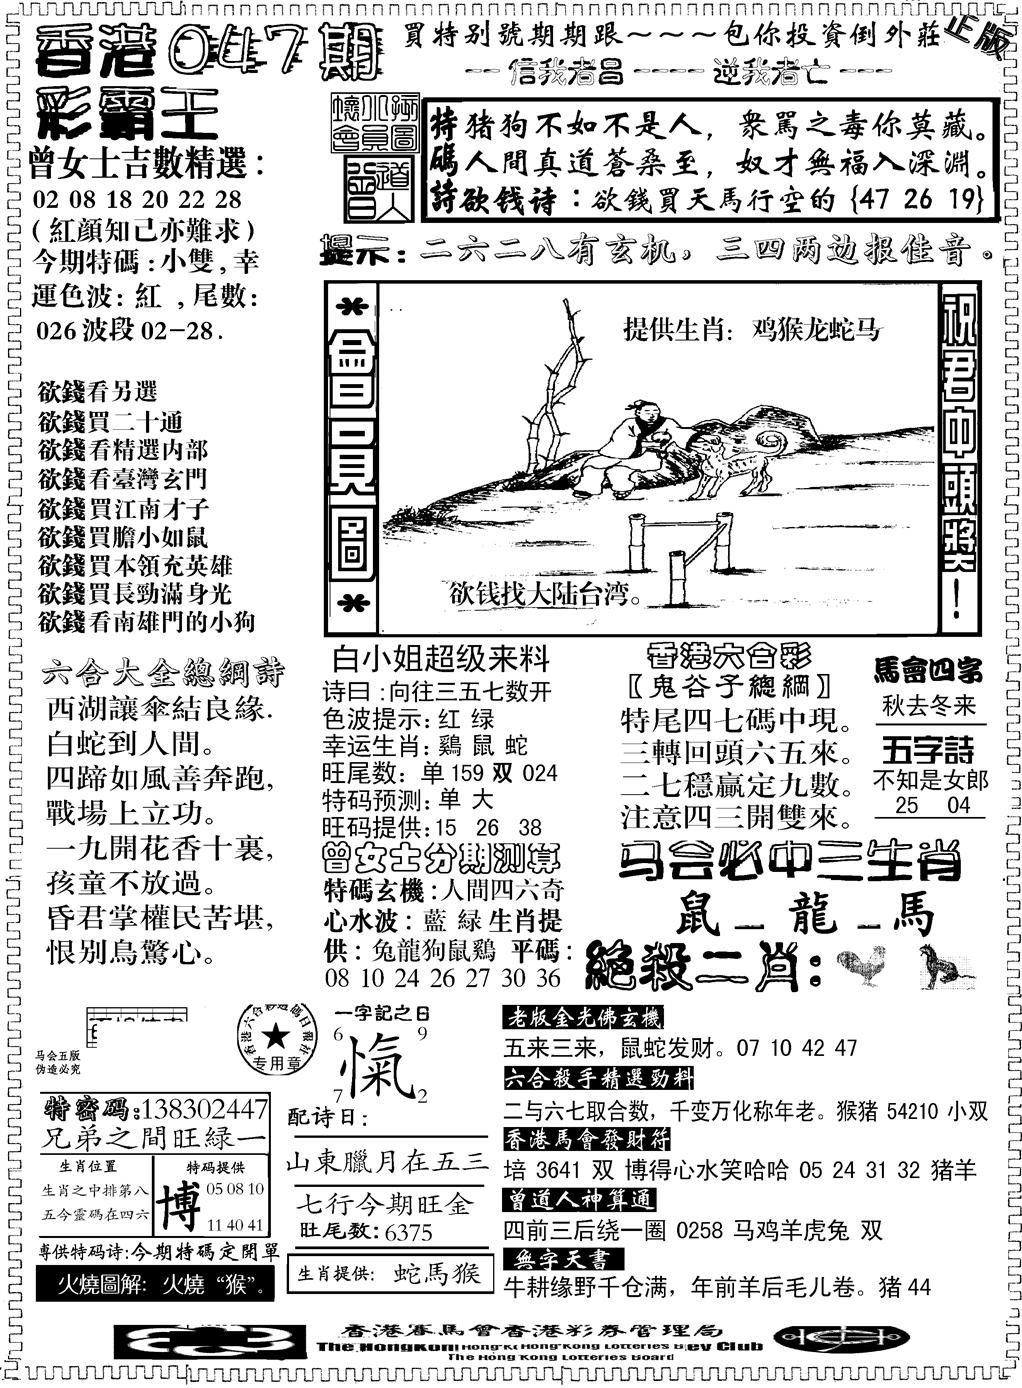 047期另版新版彩霸王B(黑白)